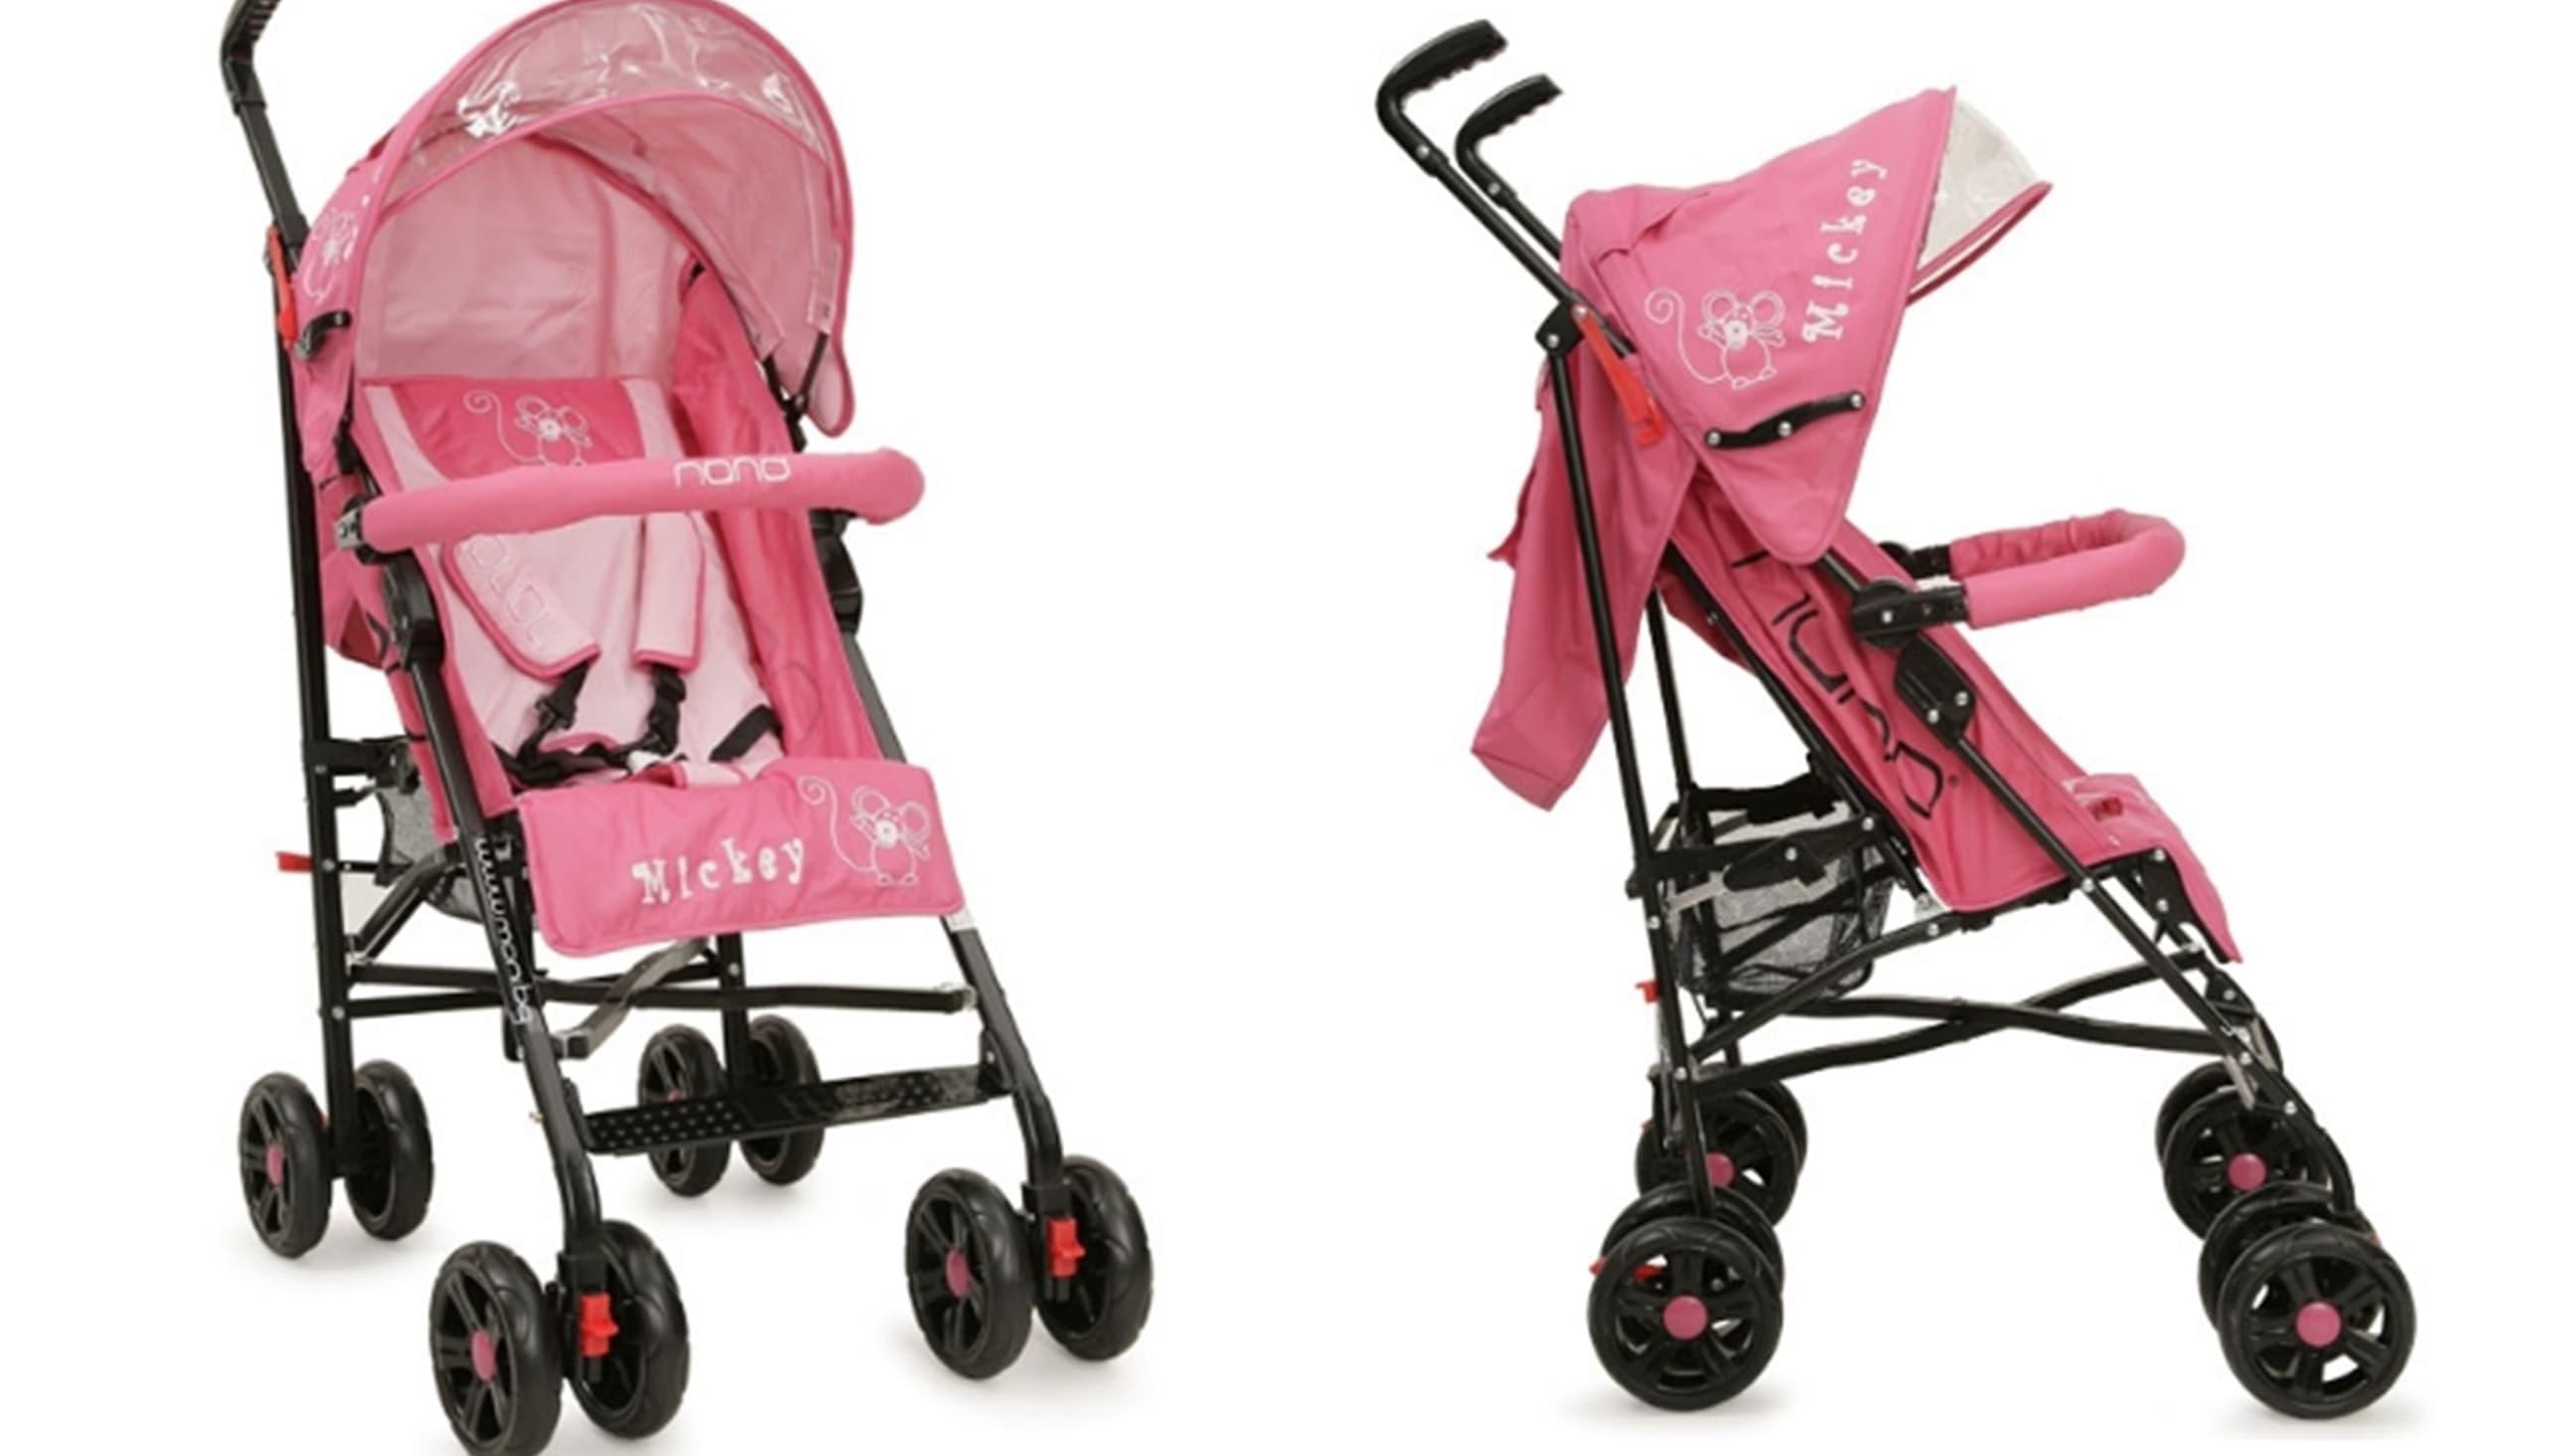 Лятна бебешка количка Mickey - Цвят: Розов